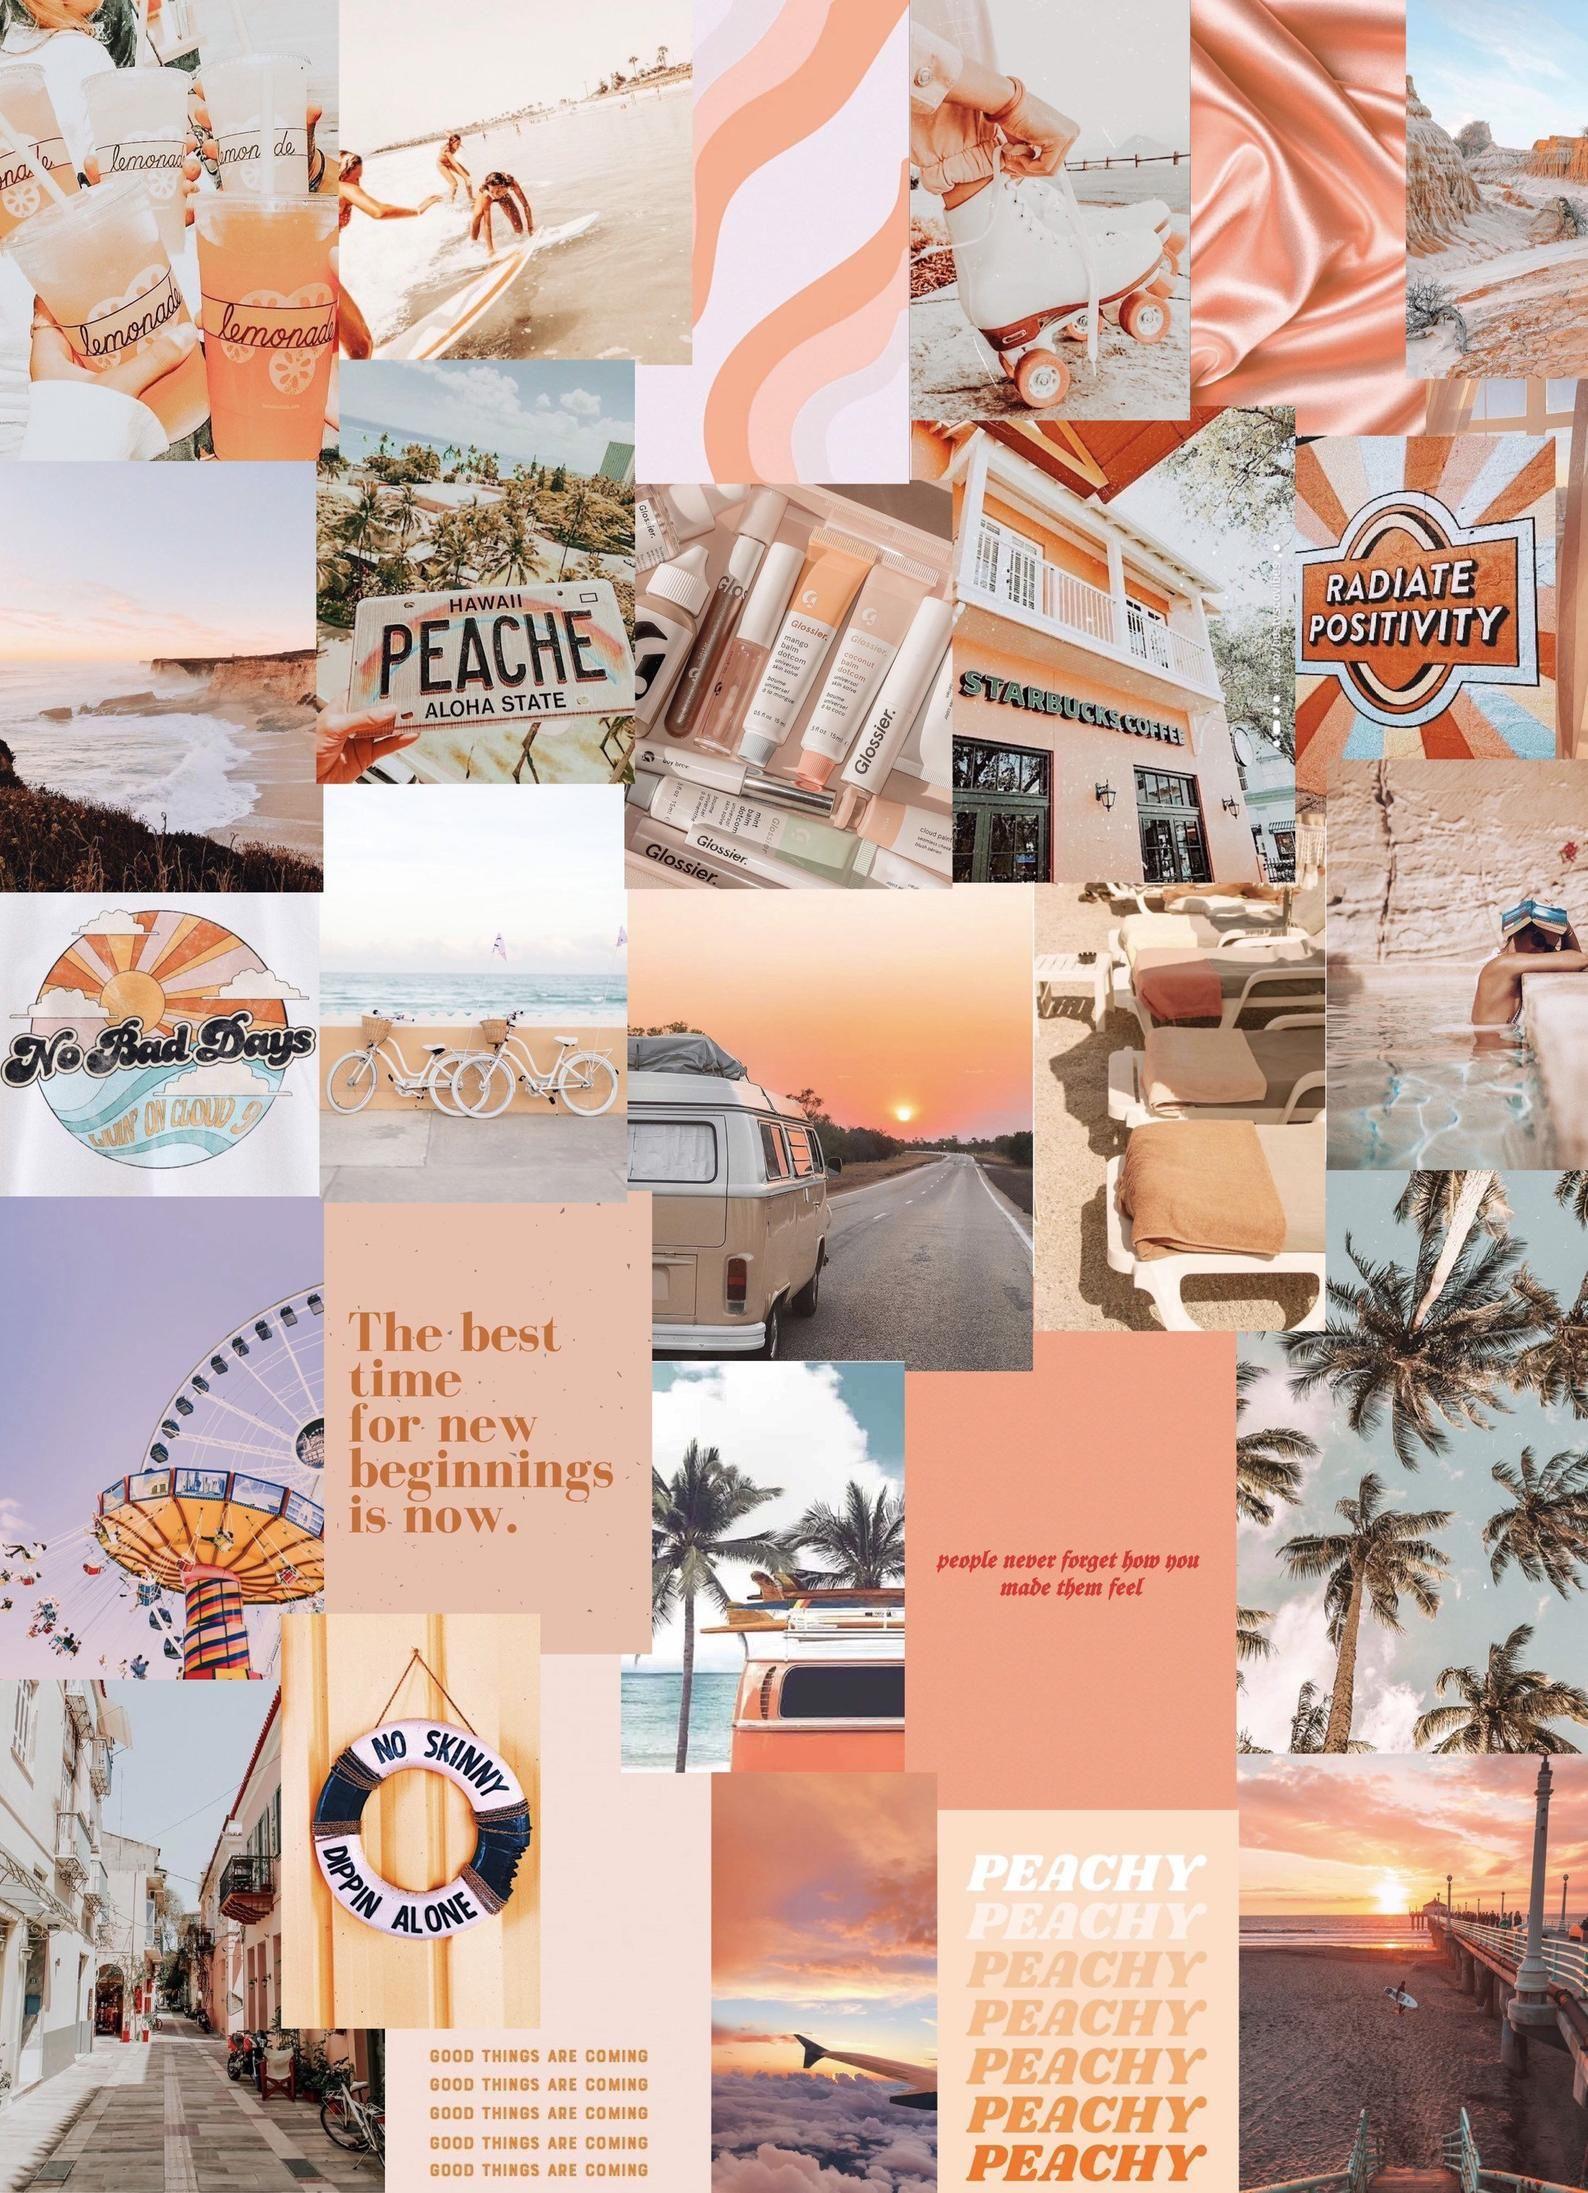 Peach Beach photo art collage pack